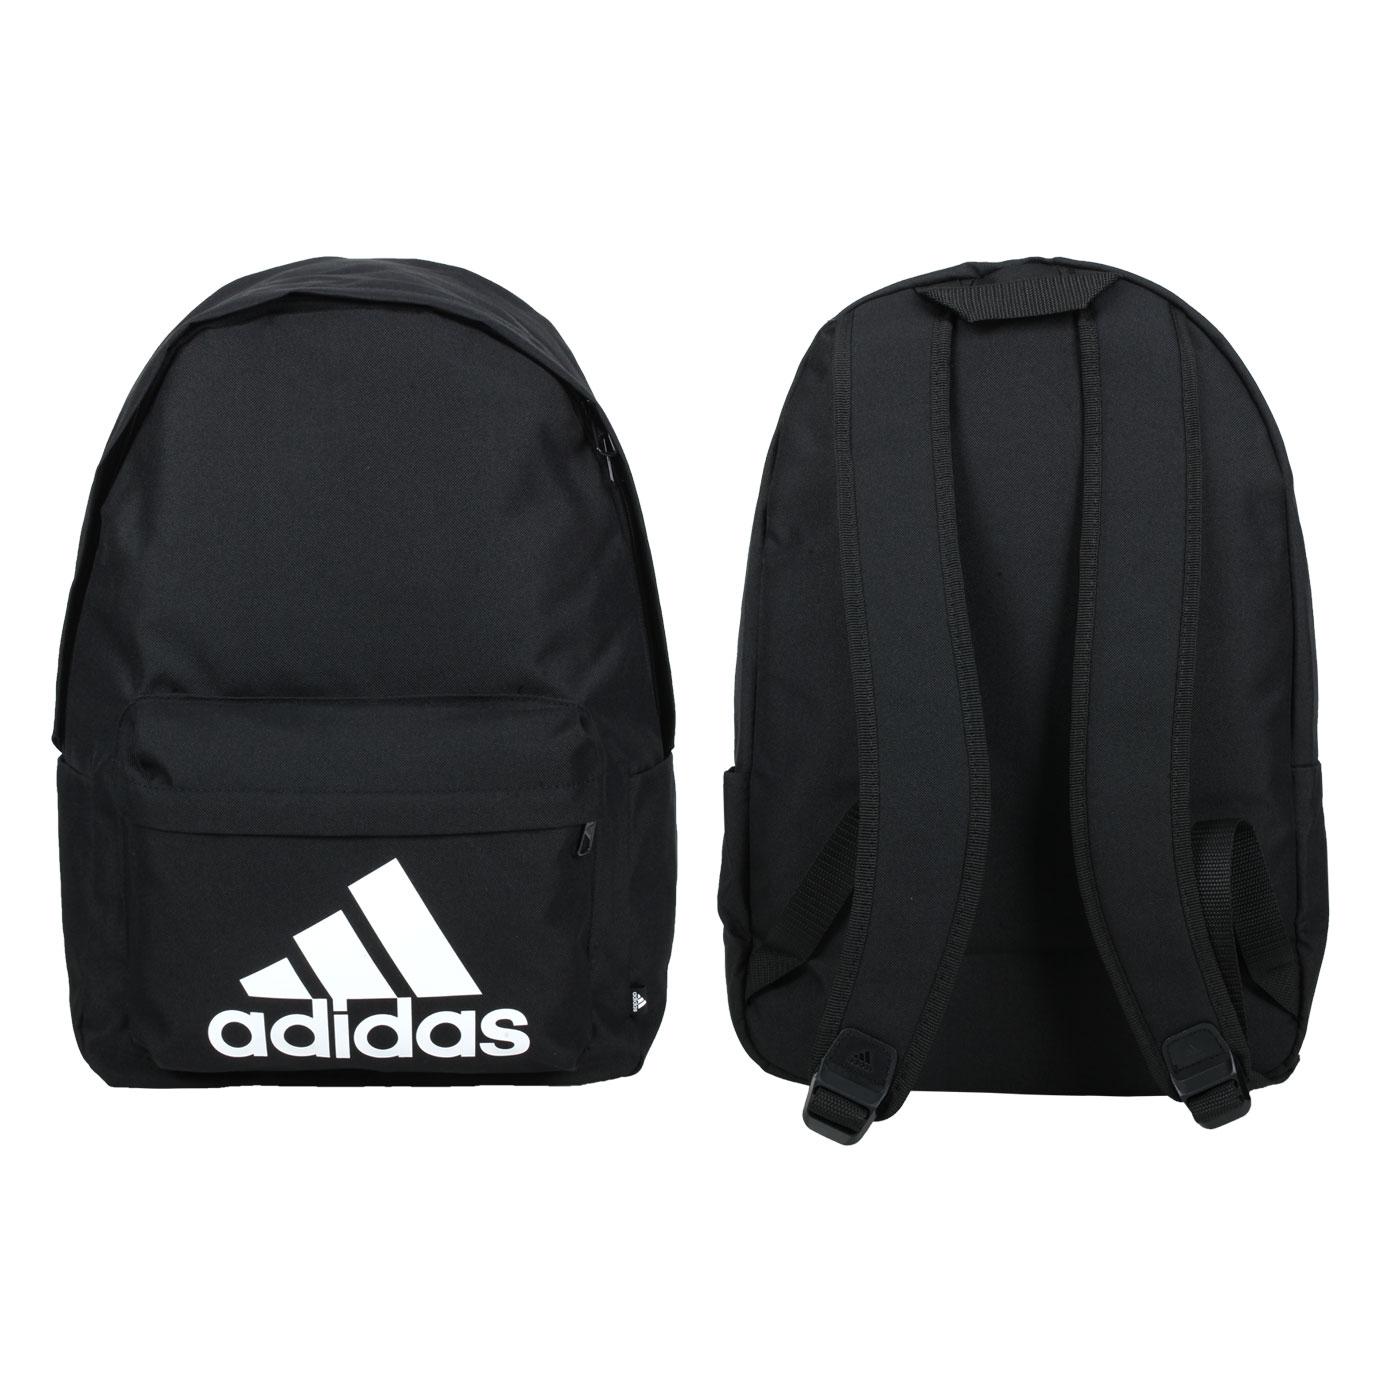 ADIDAS 大型後背包 H34809 - 黑白